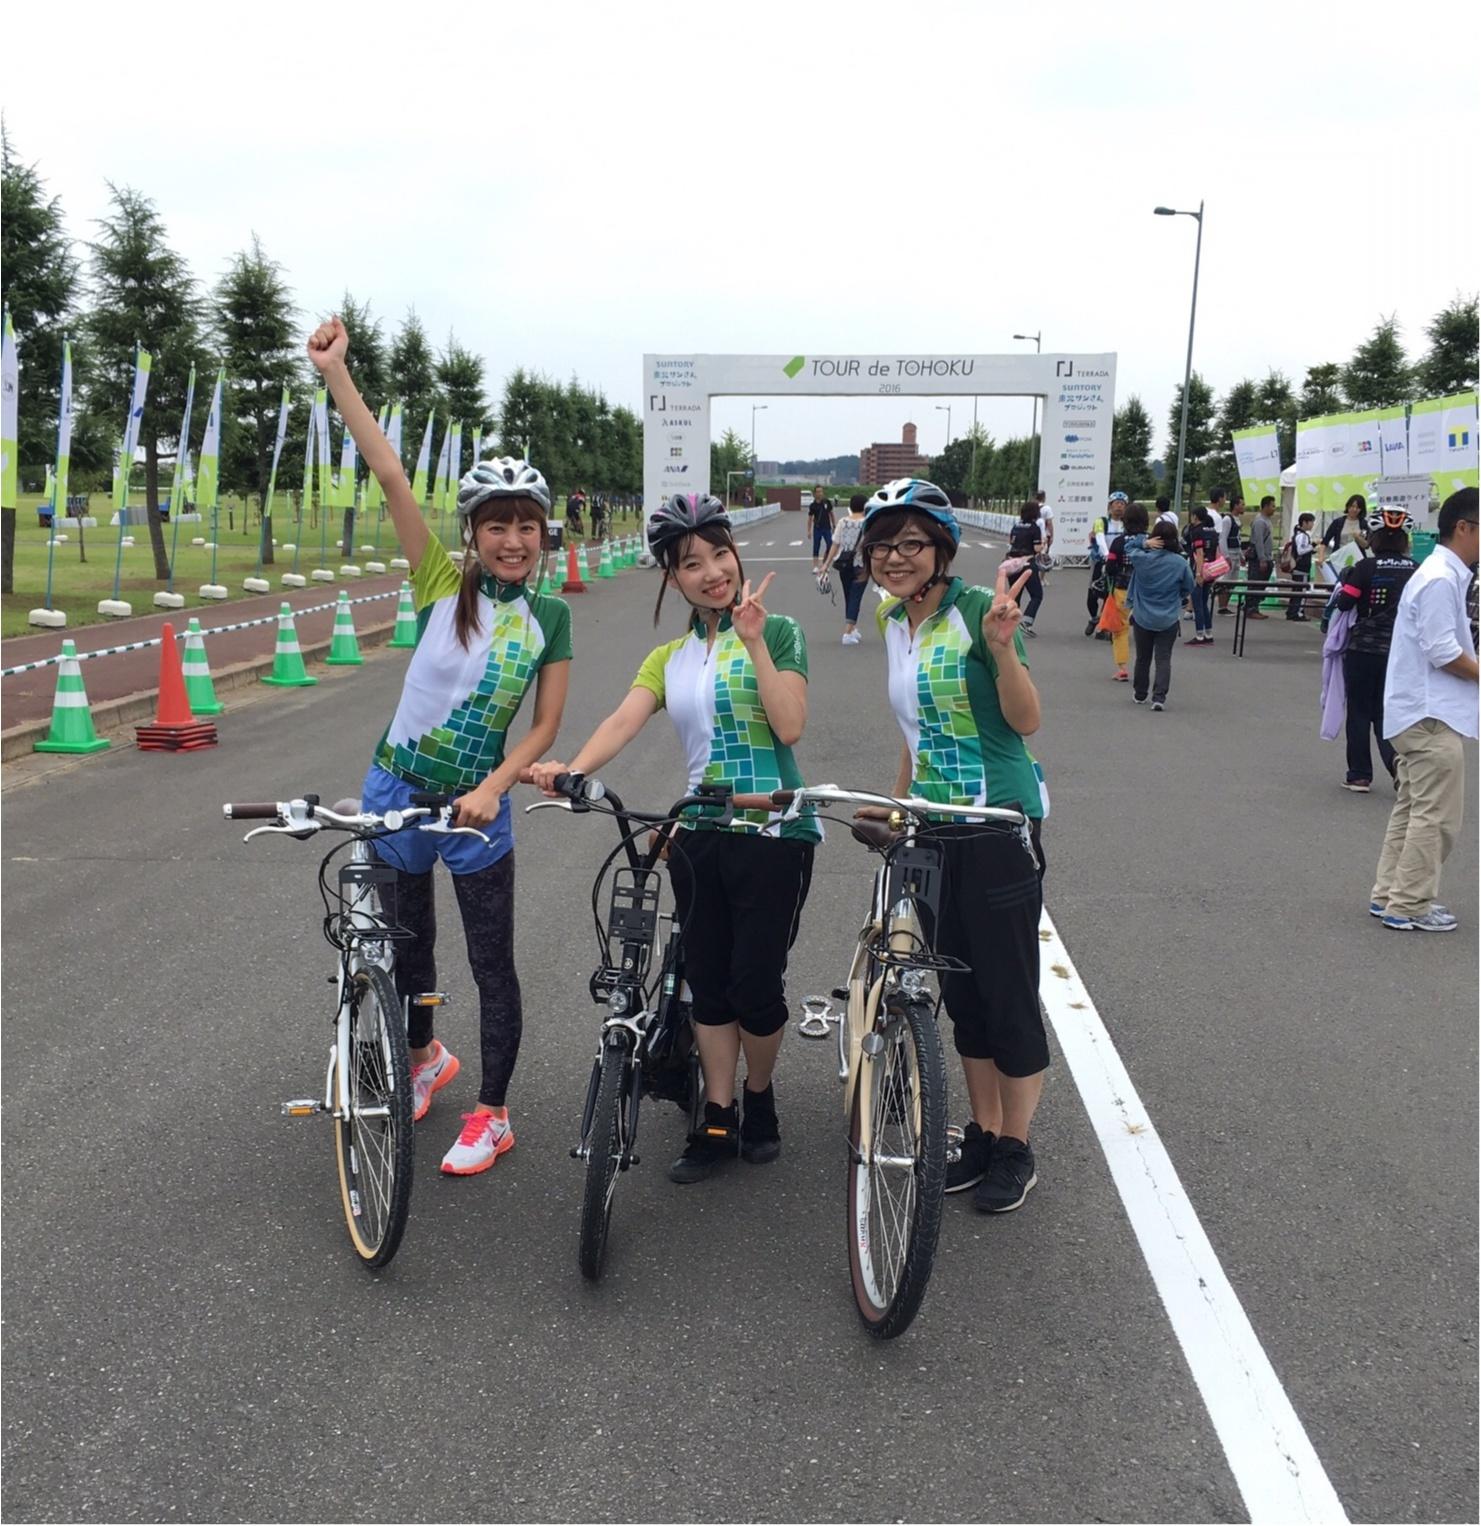 【MORE12月号】ツール・ド・東北2016☺石巻を電動自転車でラクラク周遊しちゃいました♪_14